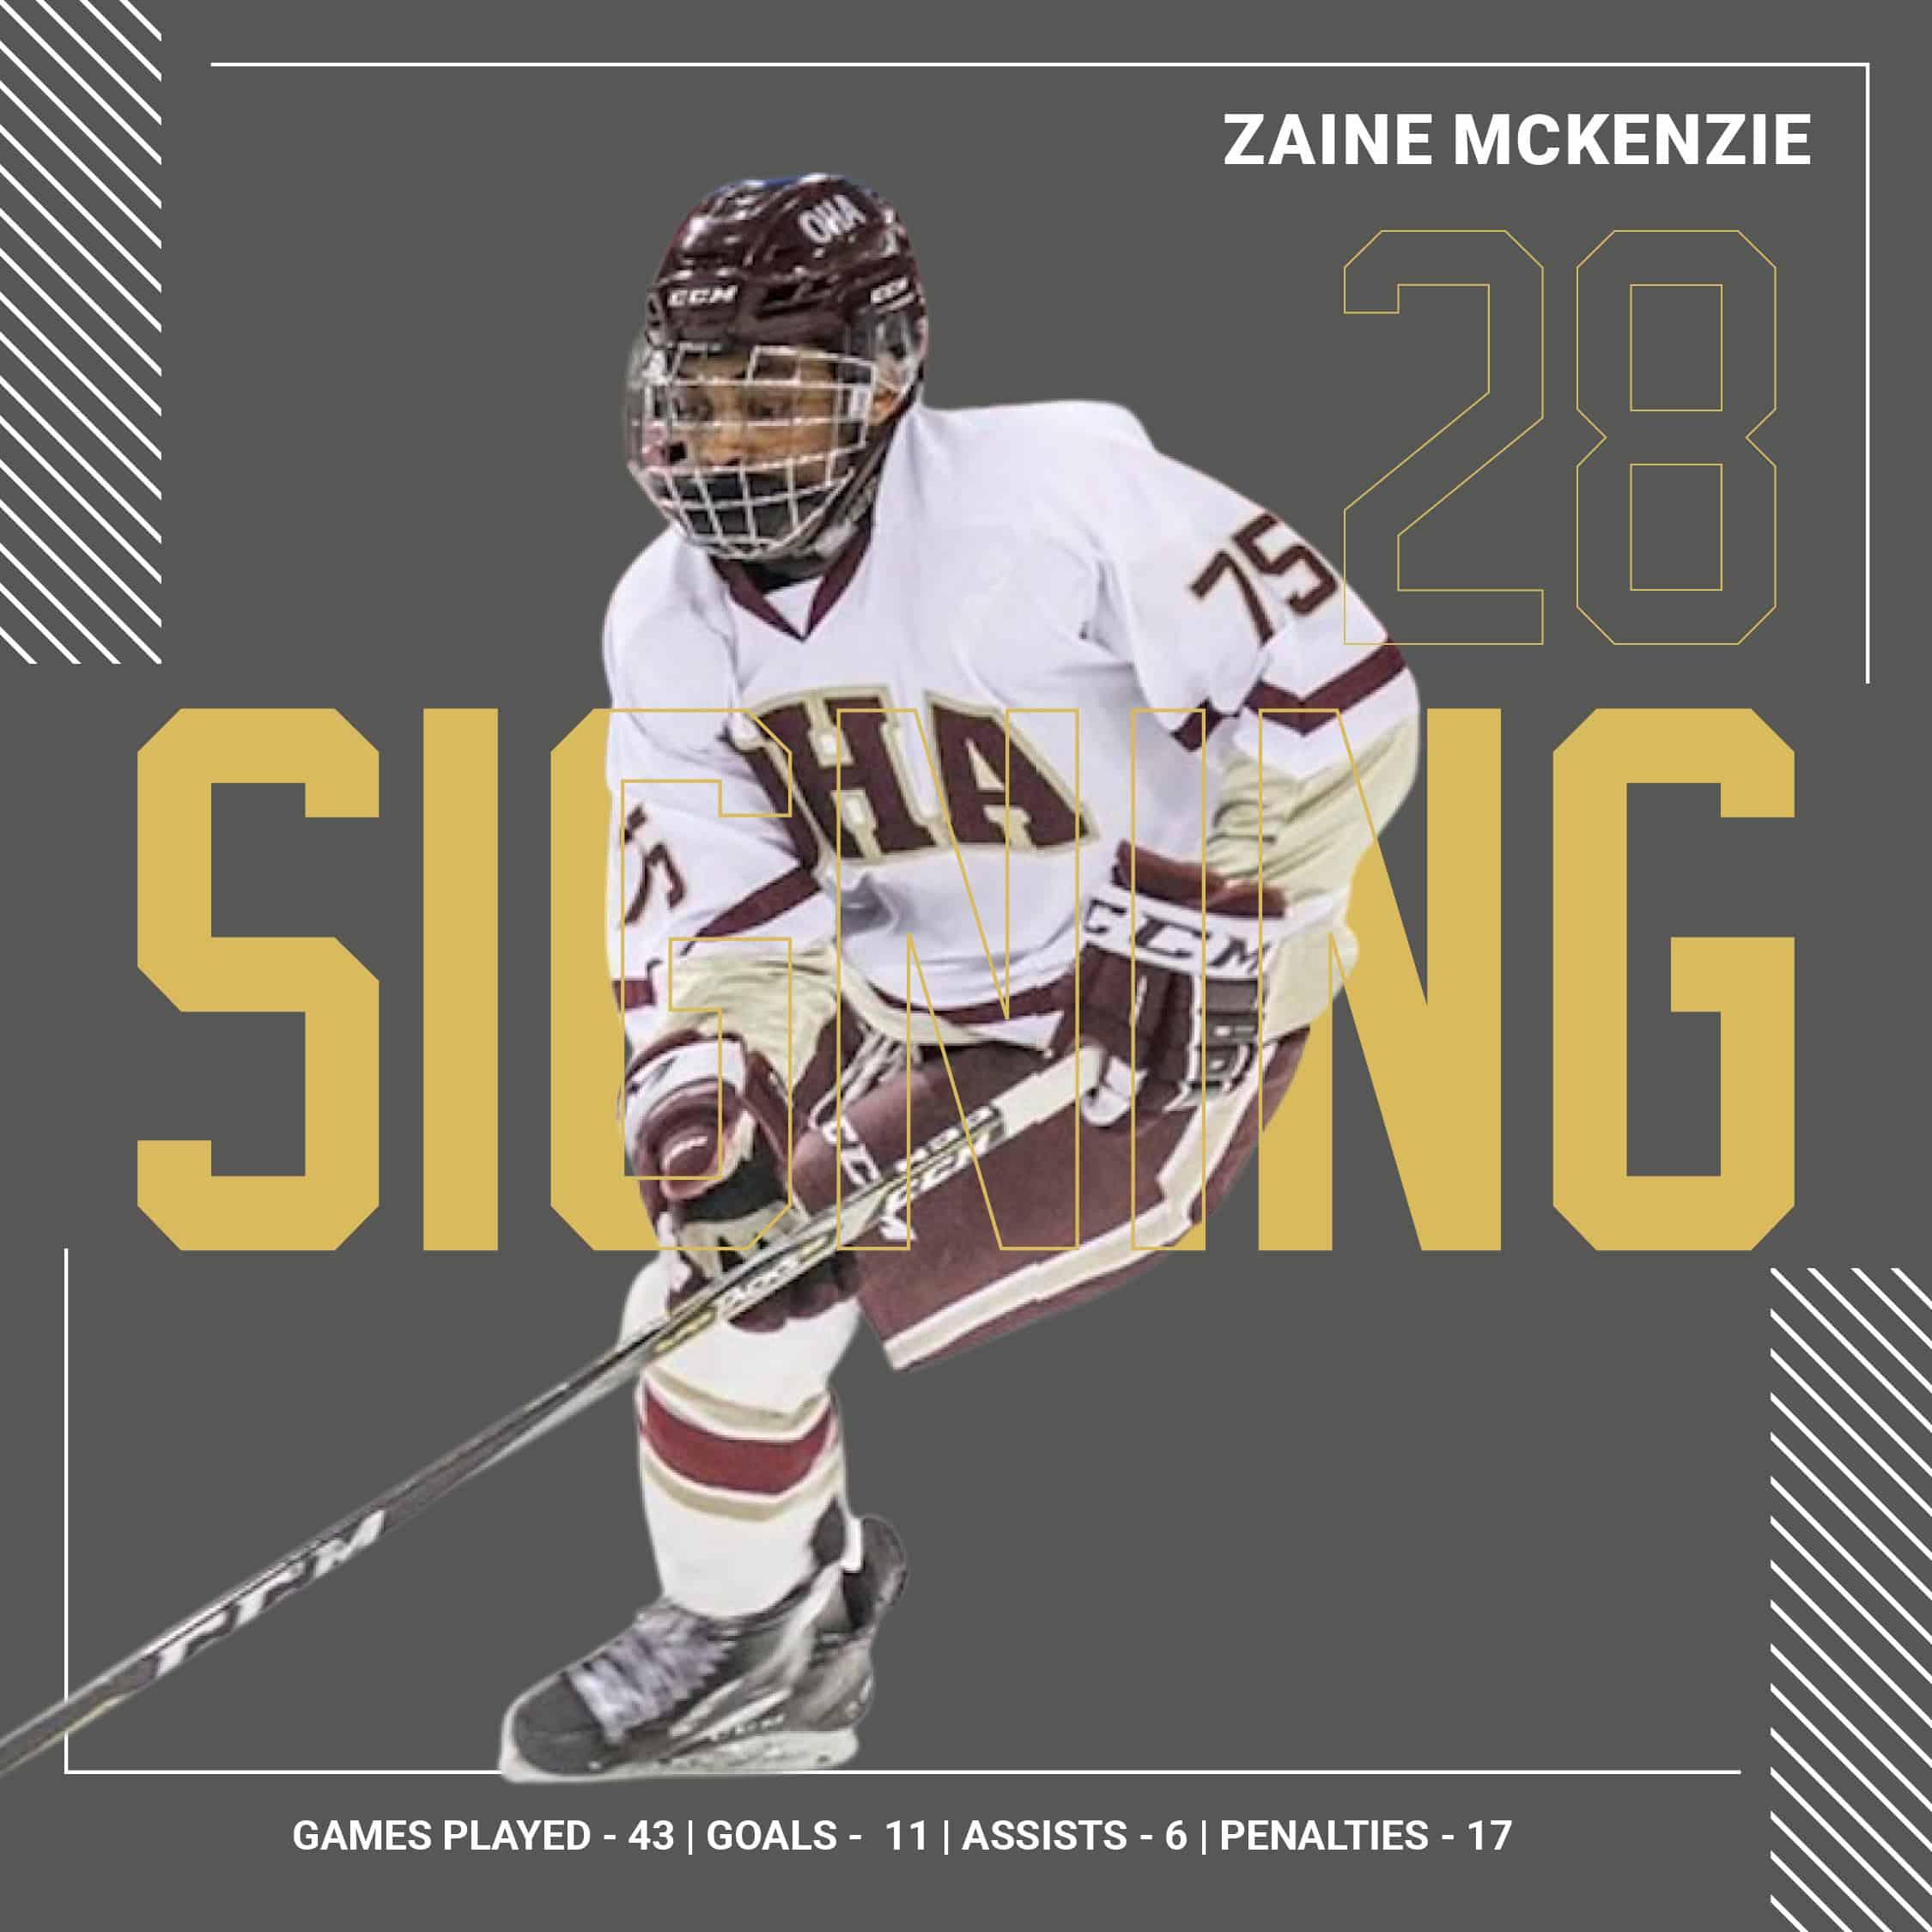 Zaine McKenzie MKL